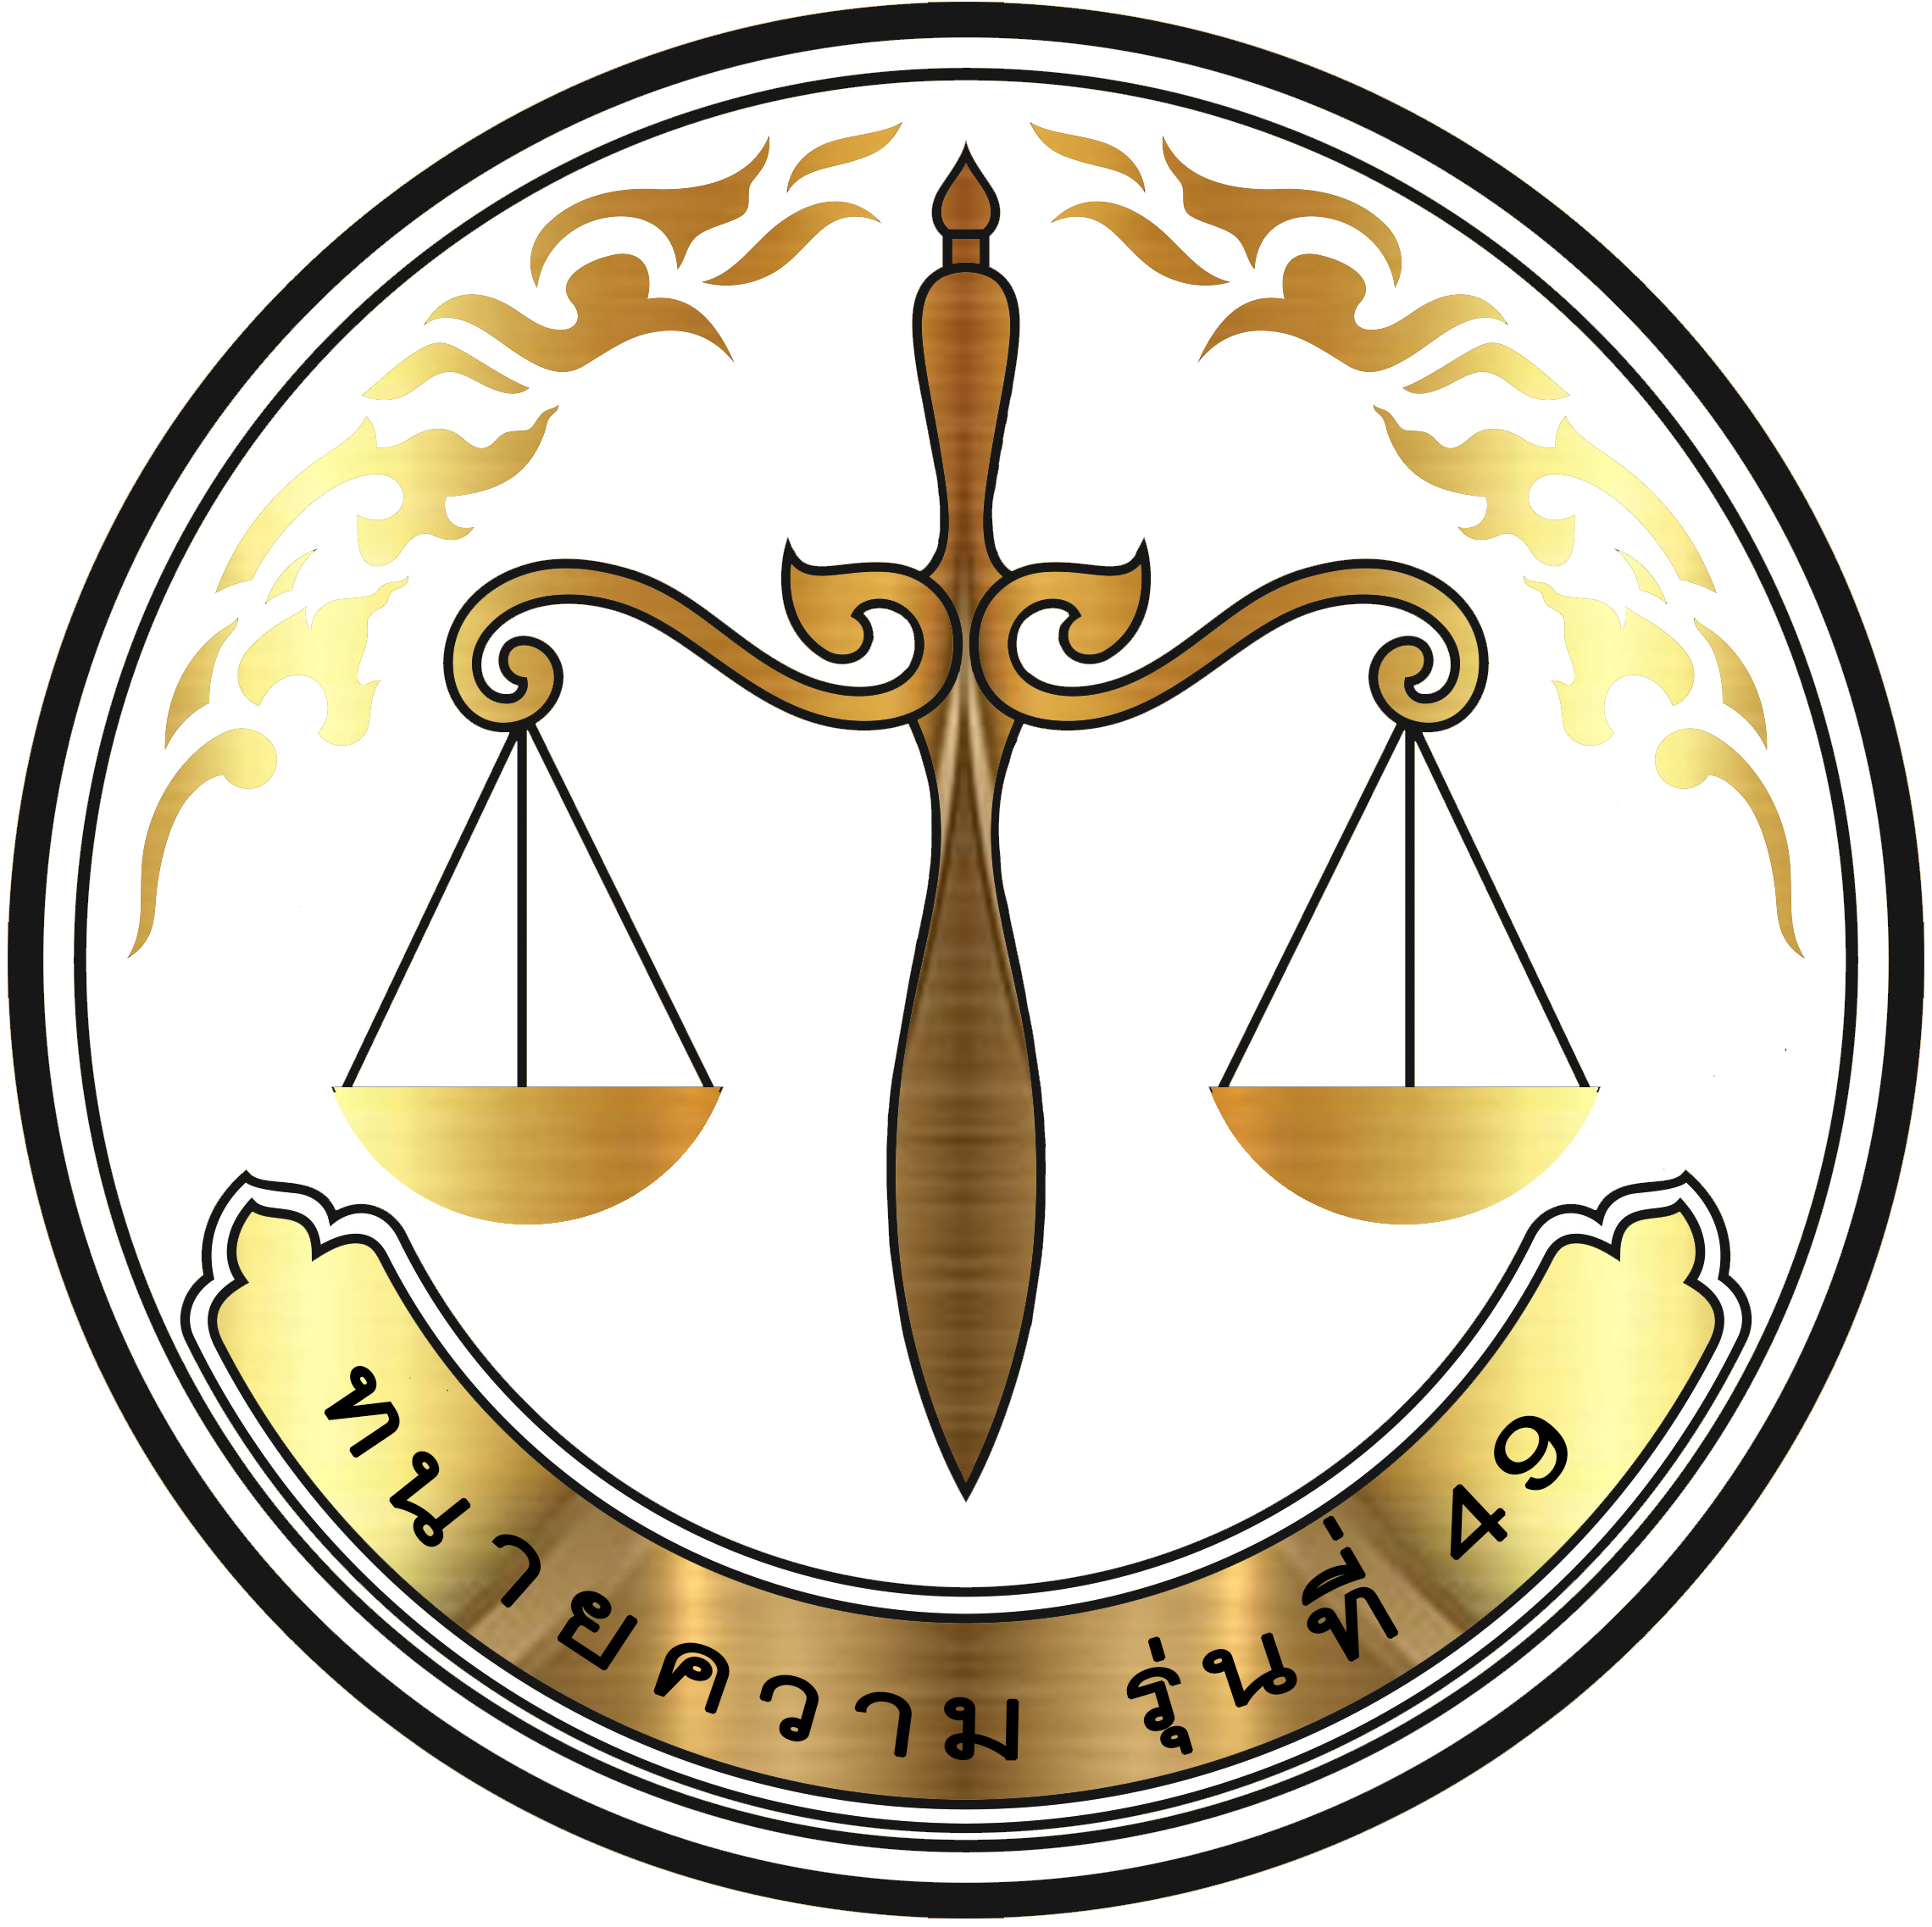 ทนายความ-รุ่นที่-49